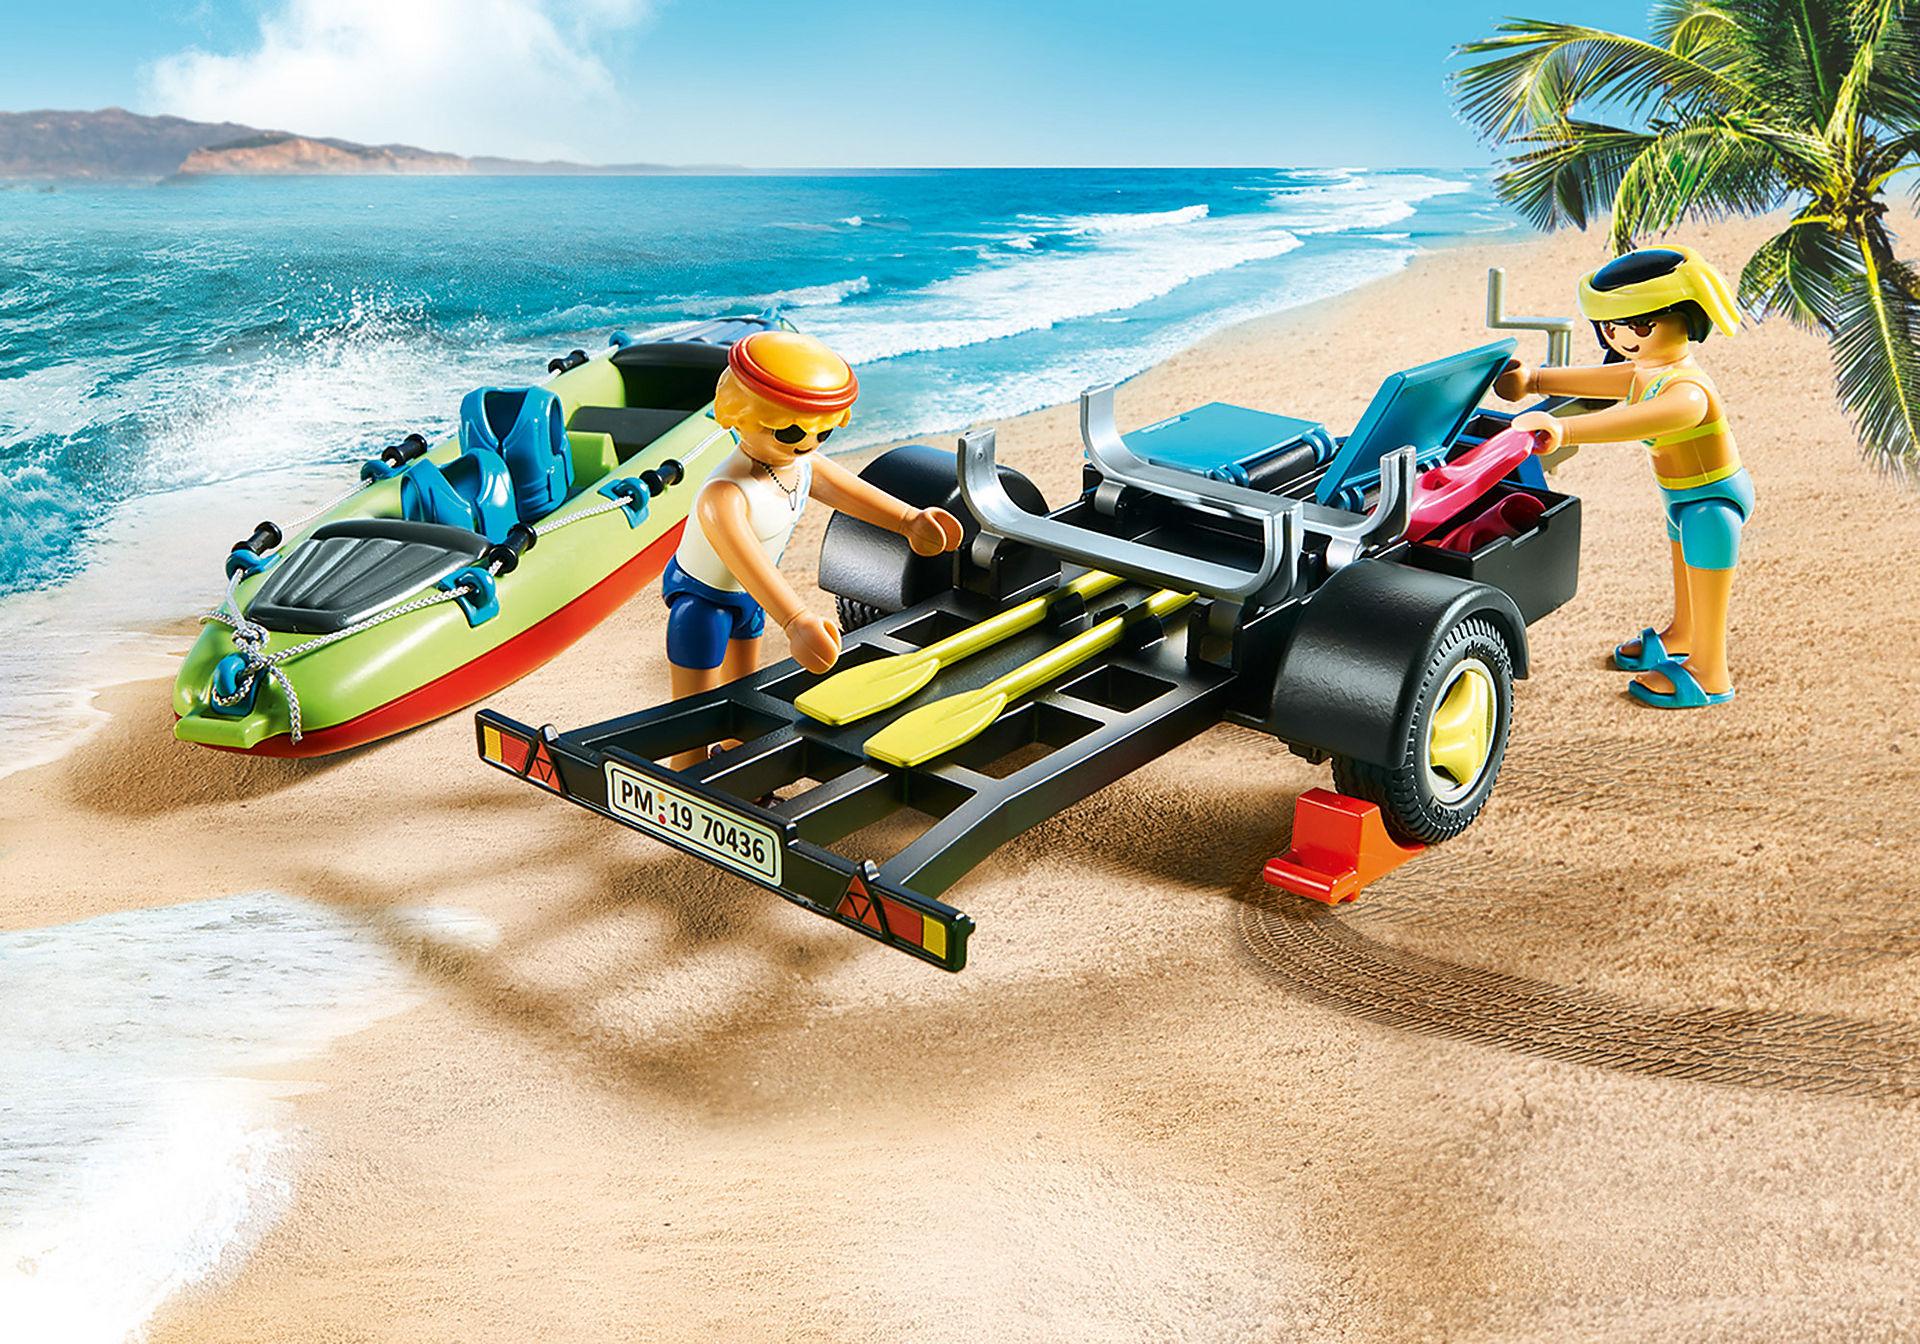 70436 Coche de Playa con Canoa zoom image5